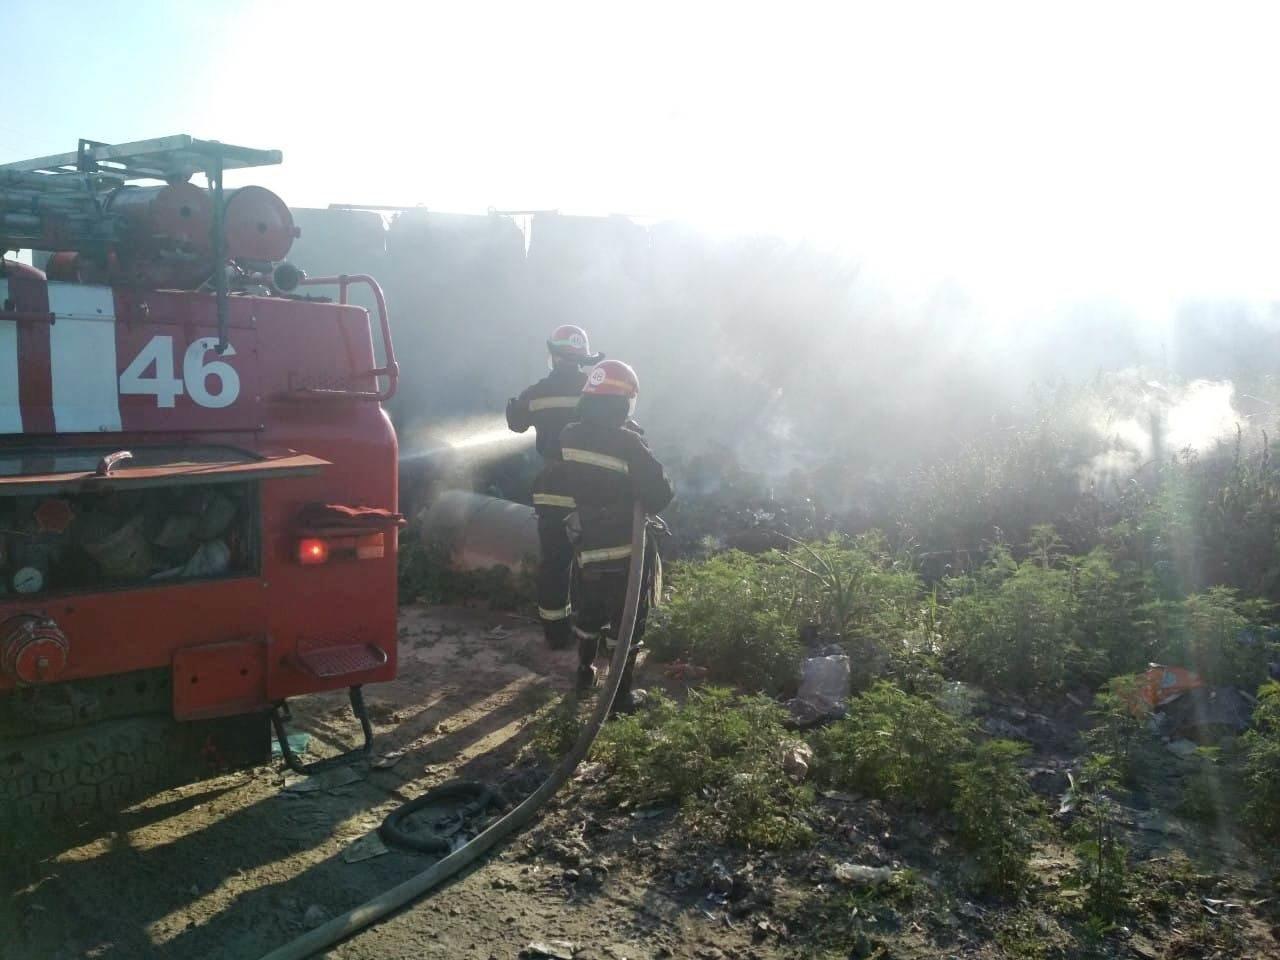 Под Днепром спасатели вторые сутки борются с масштабным пожаром на городской свалке, - ФОТО, фото-1